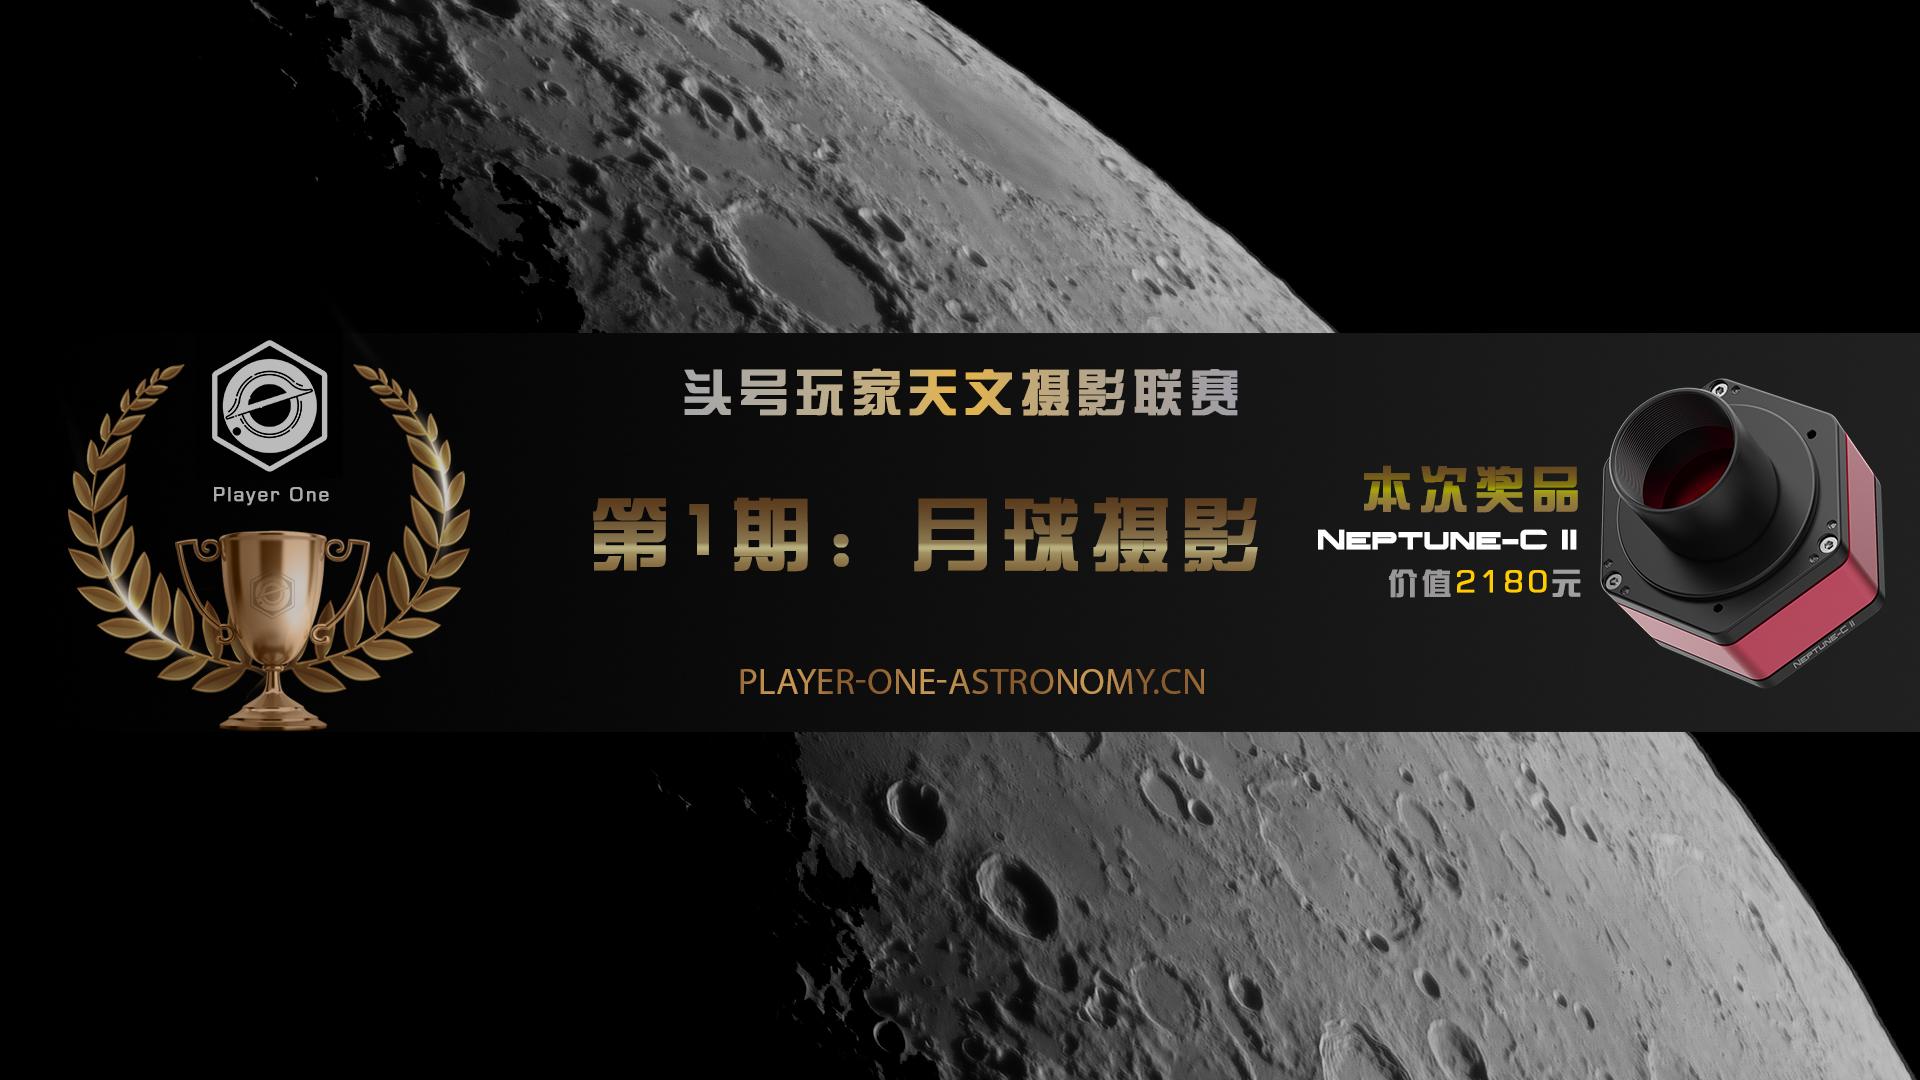 【头号玩家天文摄影联赛】第1期:月球摄影,不胜不归!